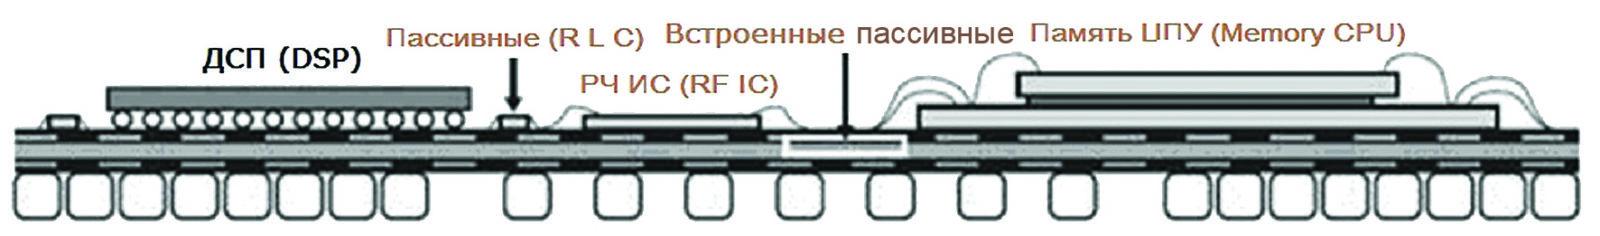 Пример структуры РЧ-системы в корпусе SiP [42]